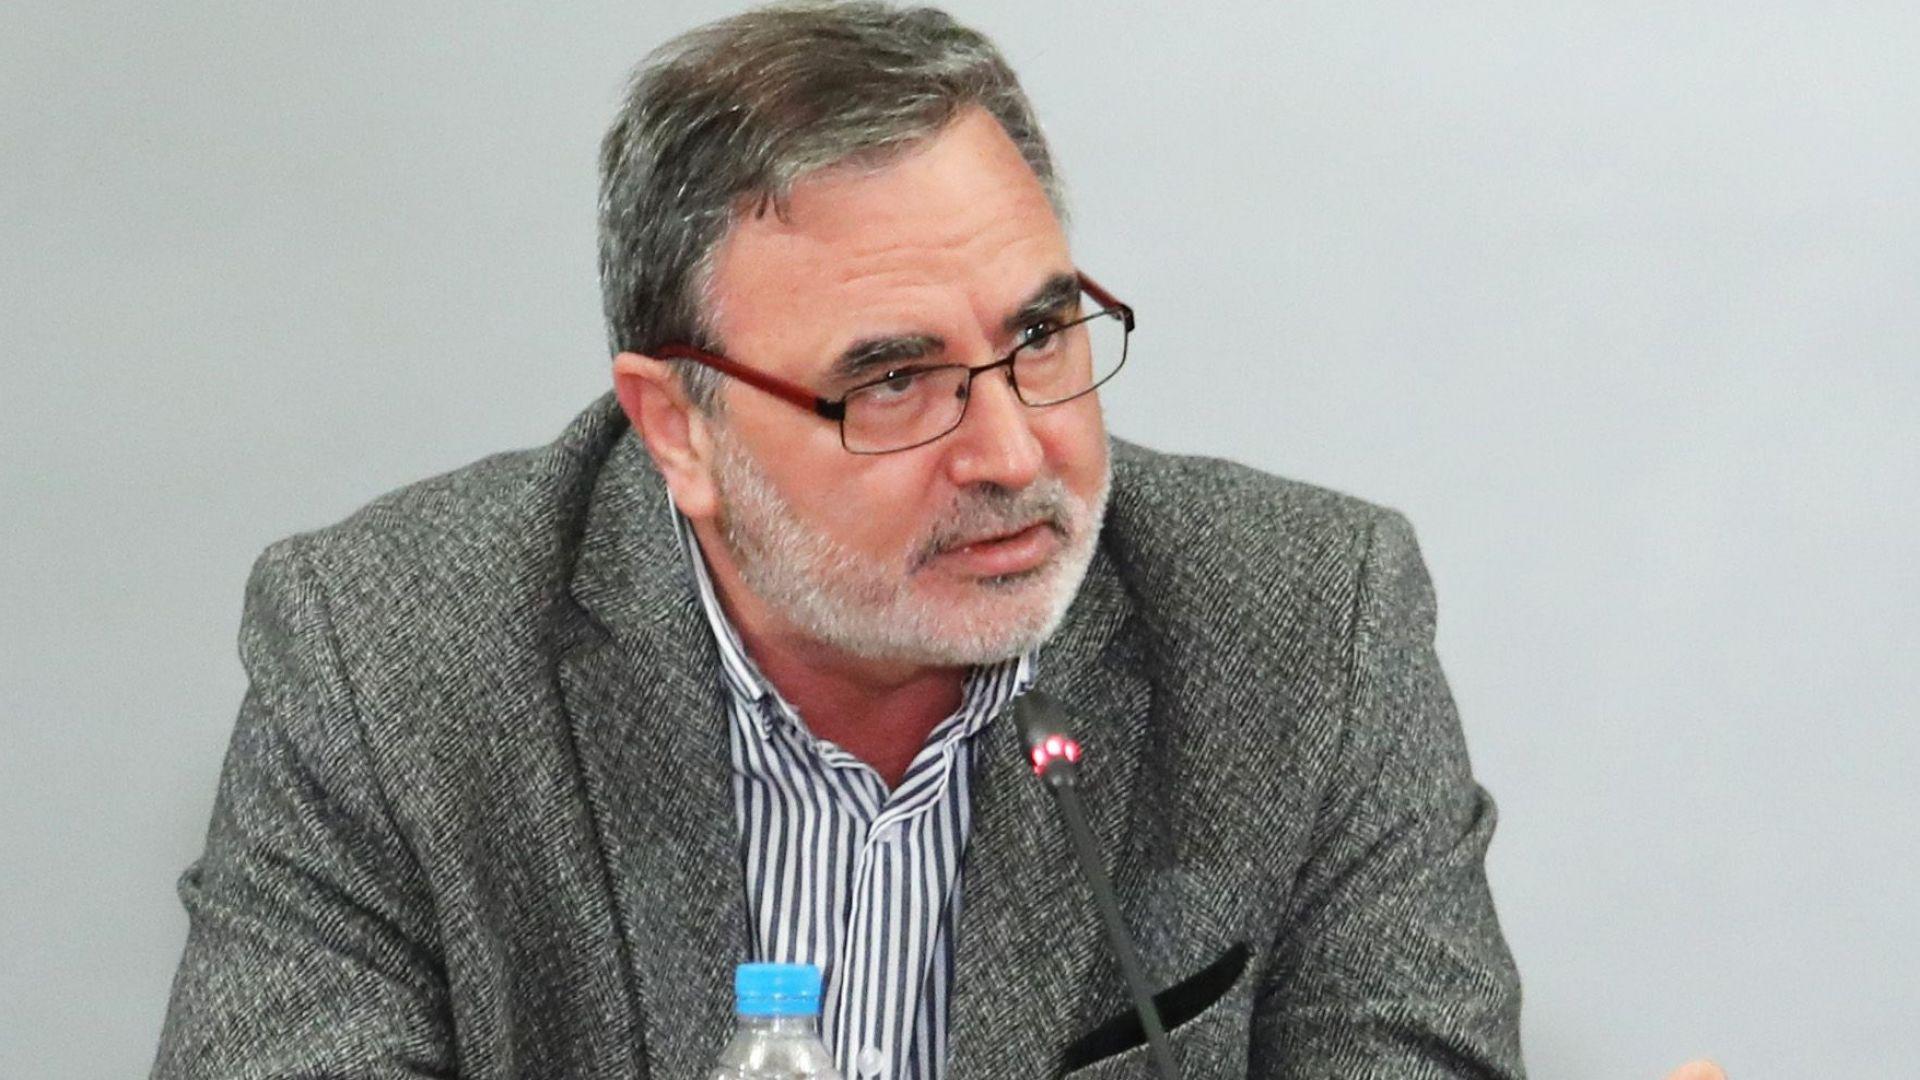 Доц. Кунчев: Няма да дебатирам с Мангъров, 2 месеца получавах гнусни SMS-и с ругатни